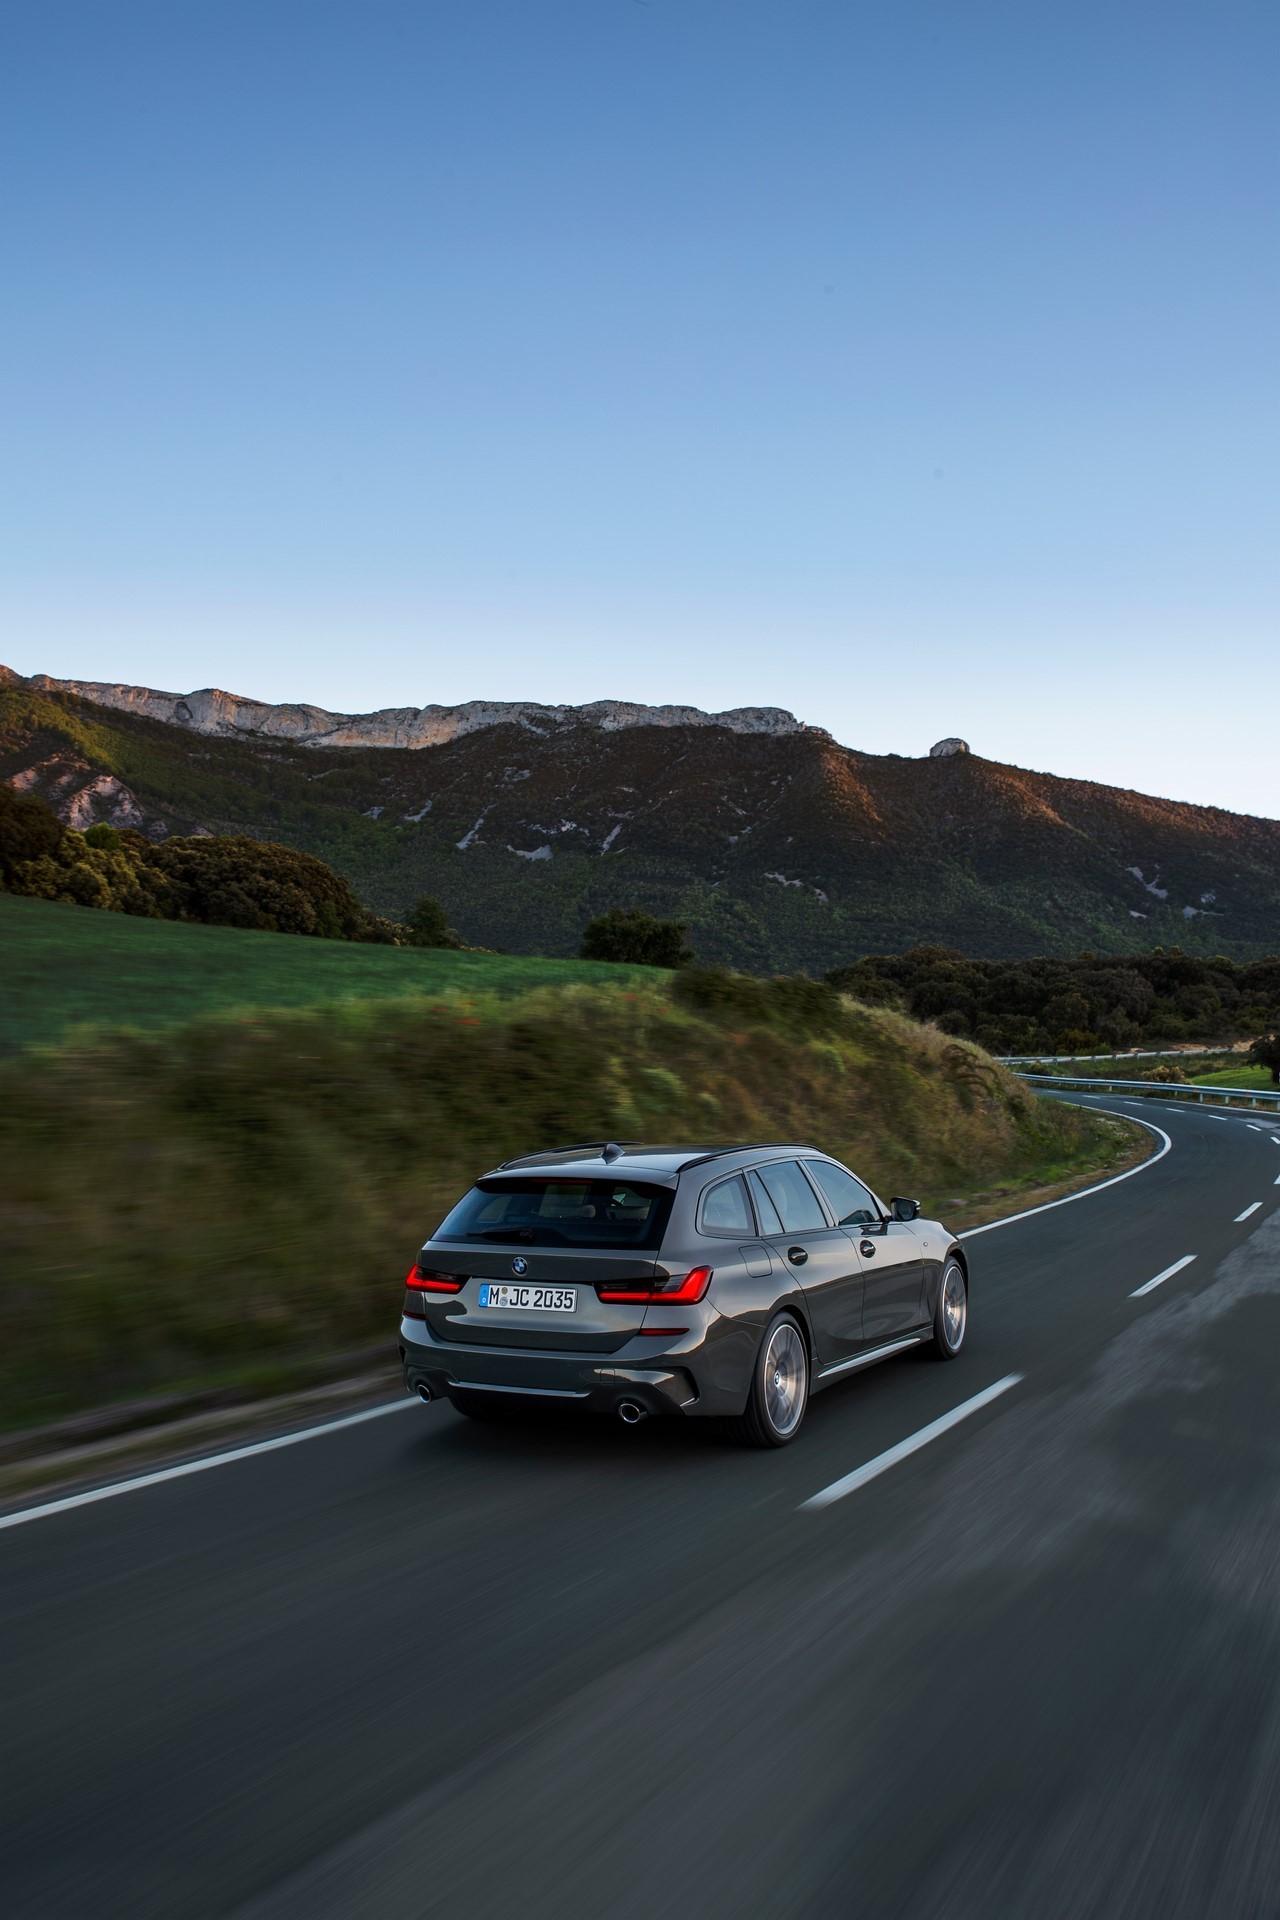 BMW-3-Series-Touring-2019-59